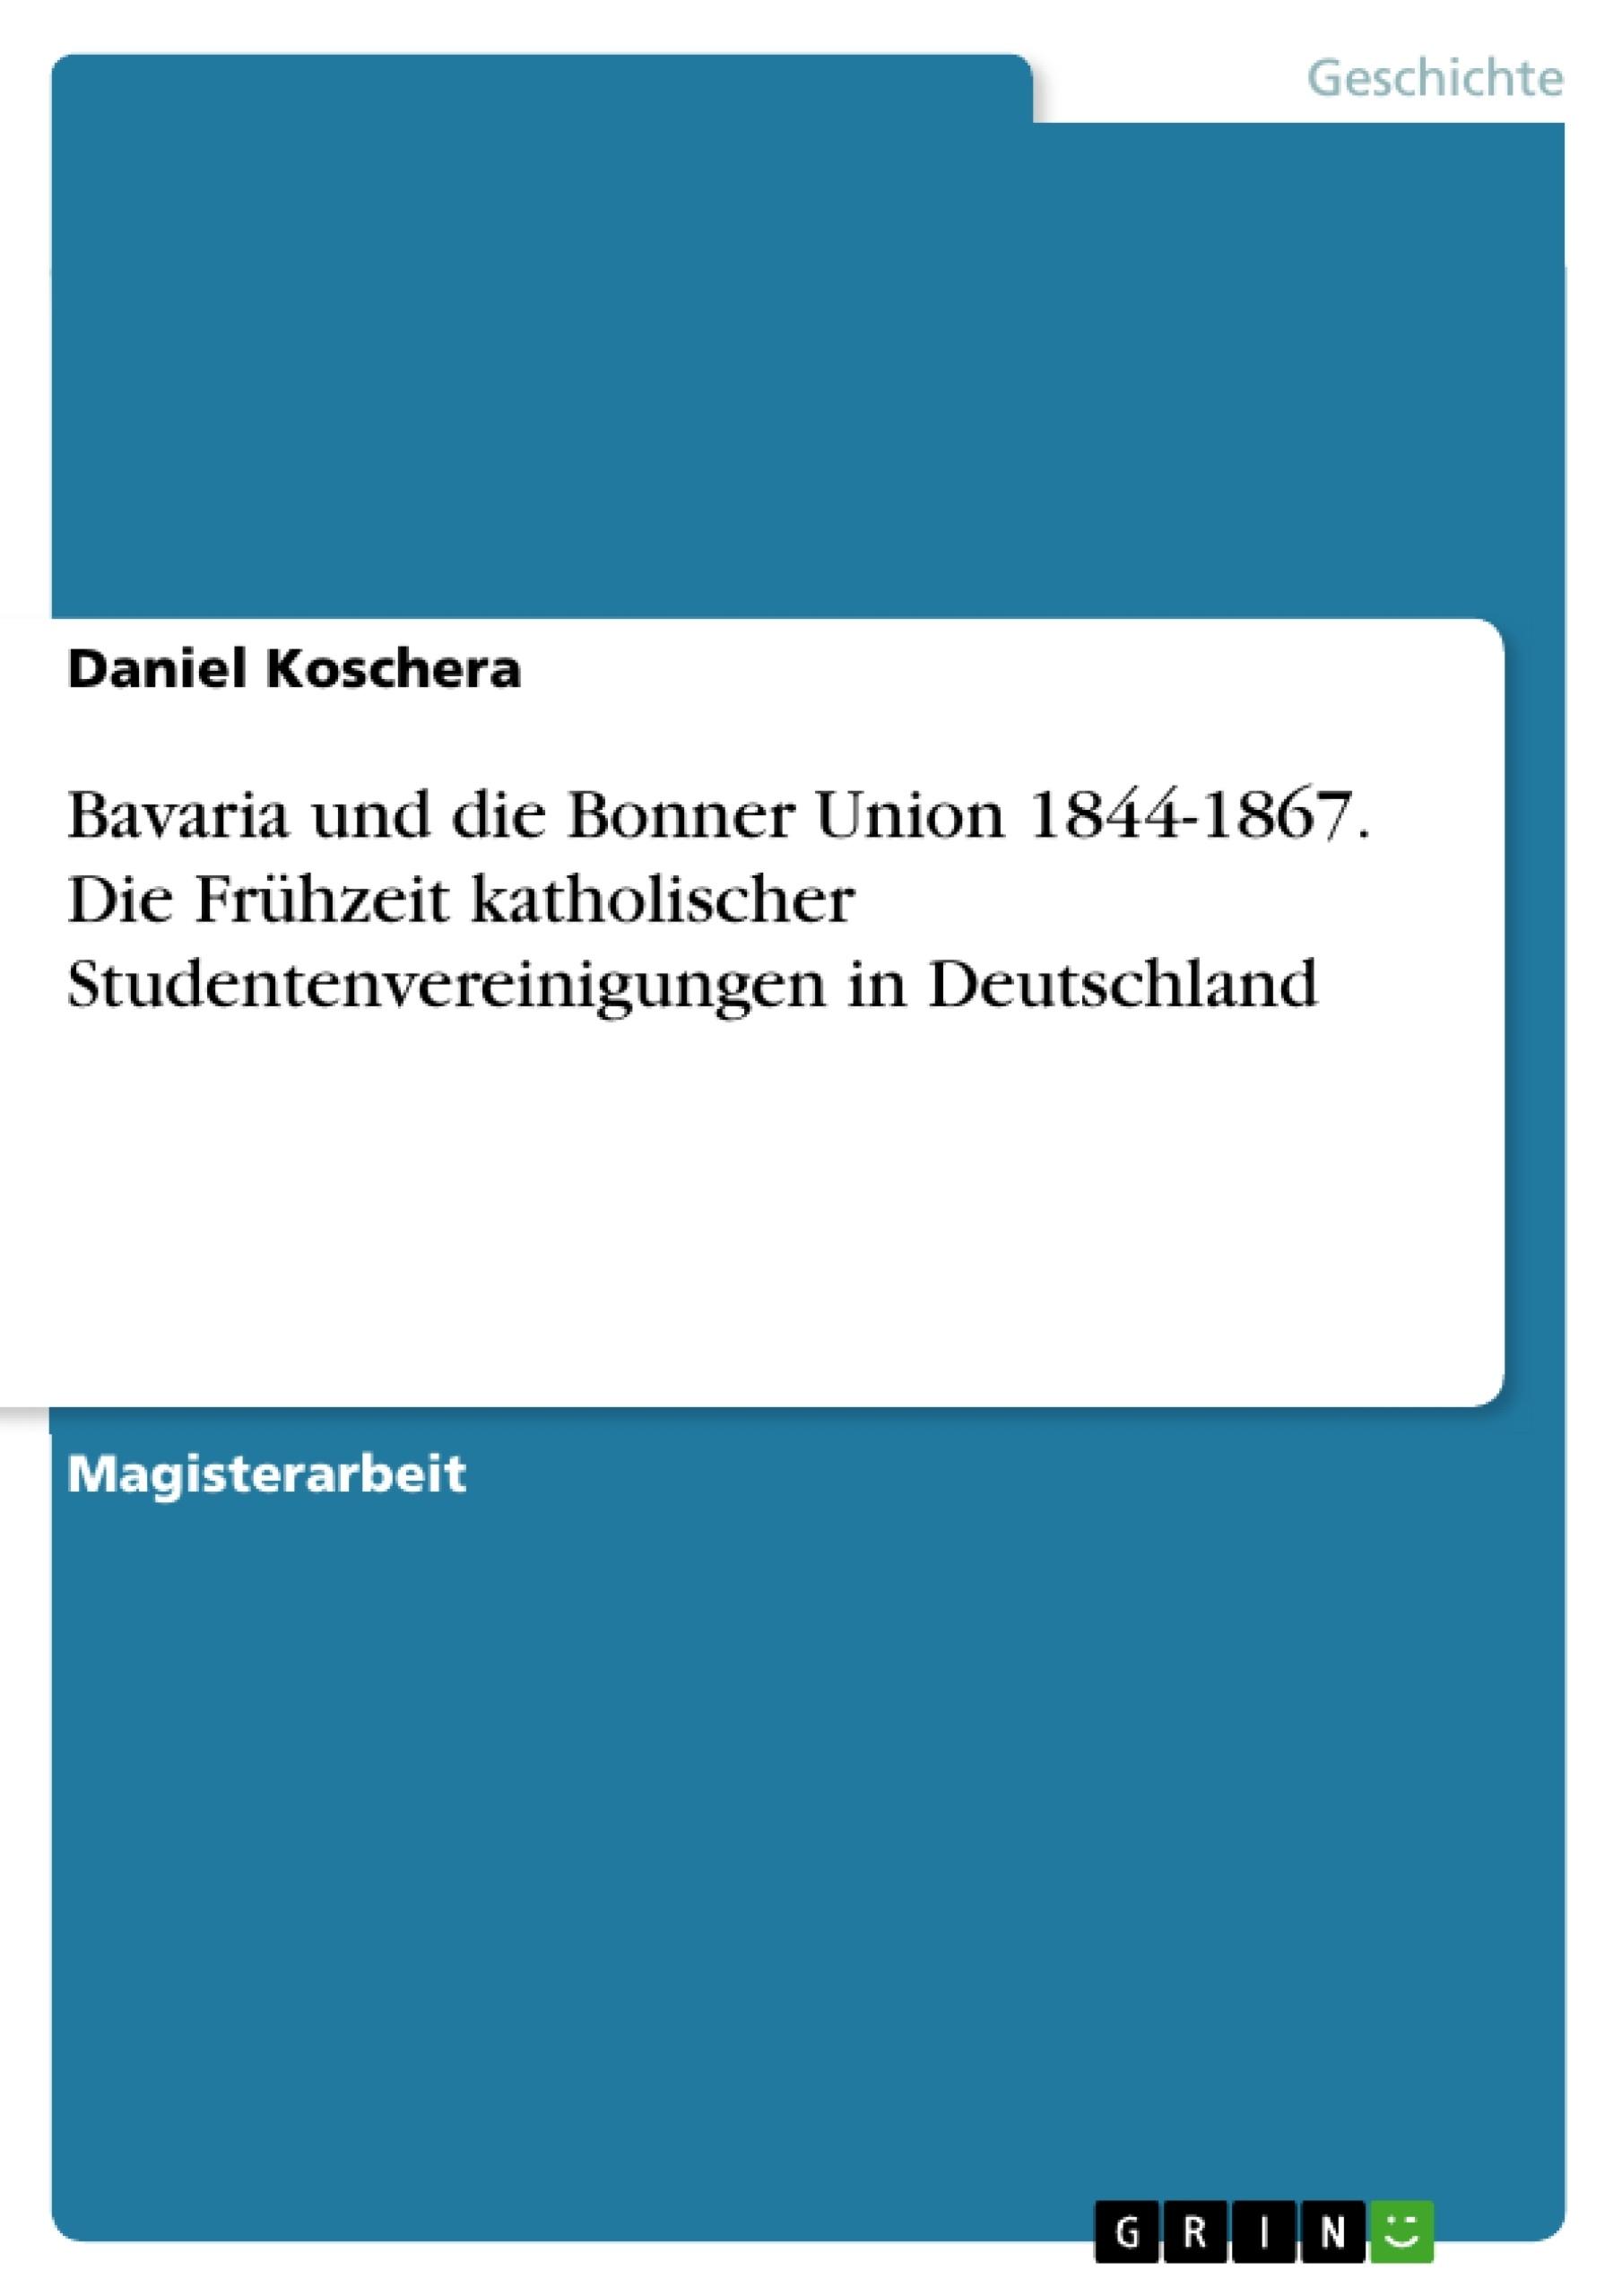 Titel: Bavaria und die Bonner Union 1844-1867. Die Frühzeit katholischer Studentenvereinigungen in Deutschland